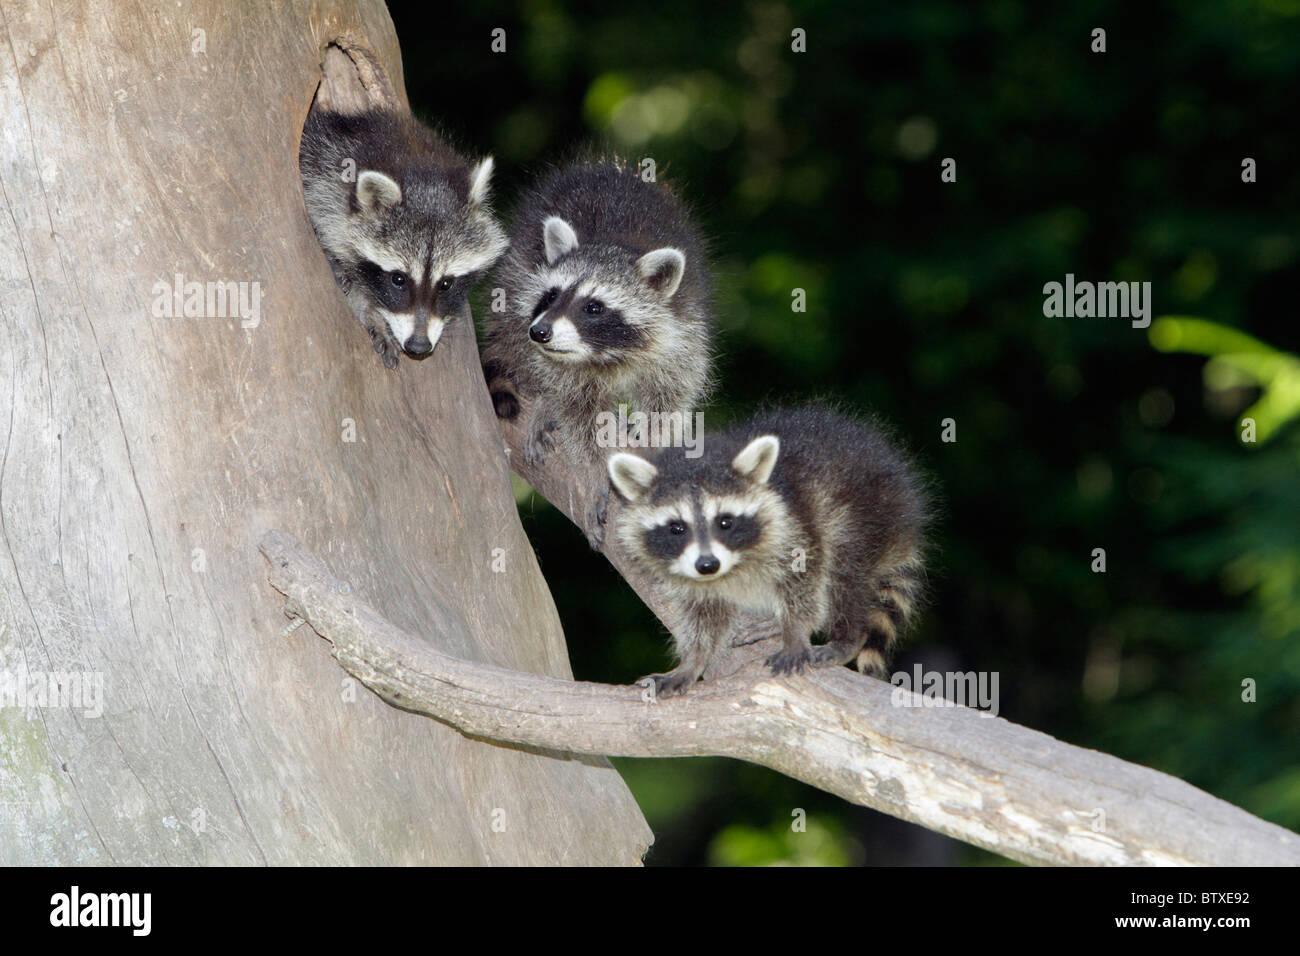 Raccoon (Procione lotor), tre baby animali, seduto di fronte a den entrata nel ceppo di albero, Germania Immagini Stock